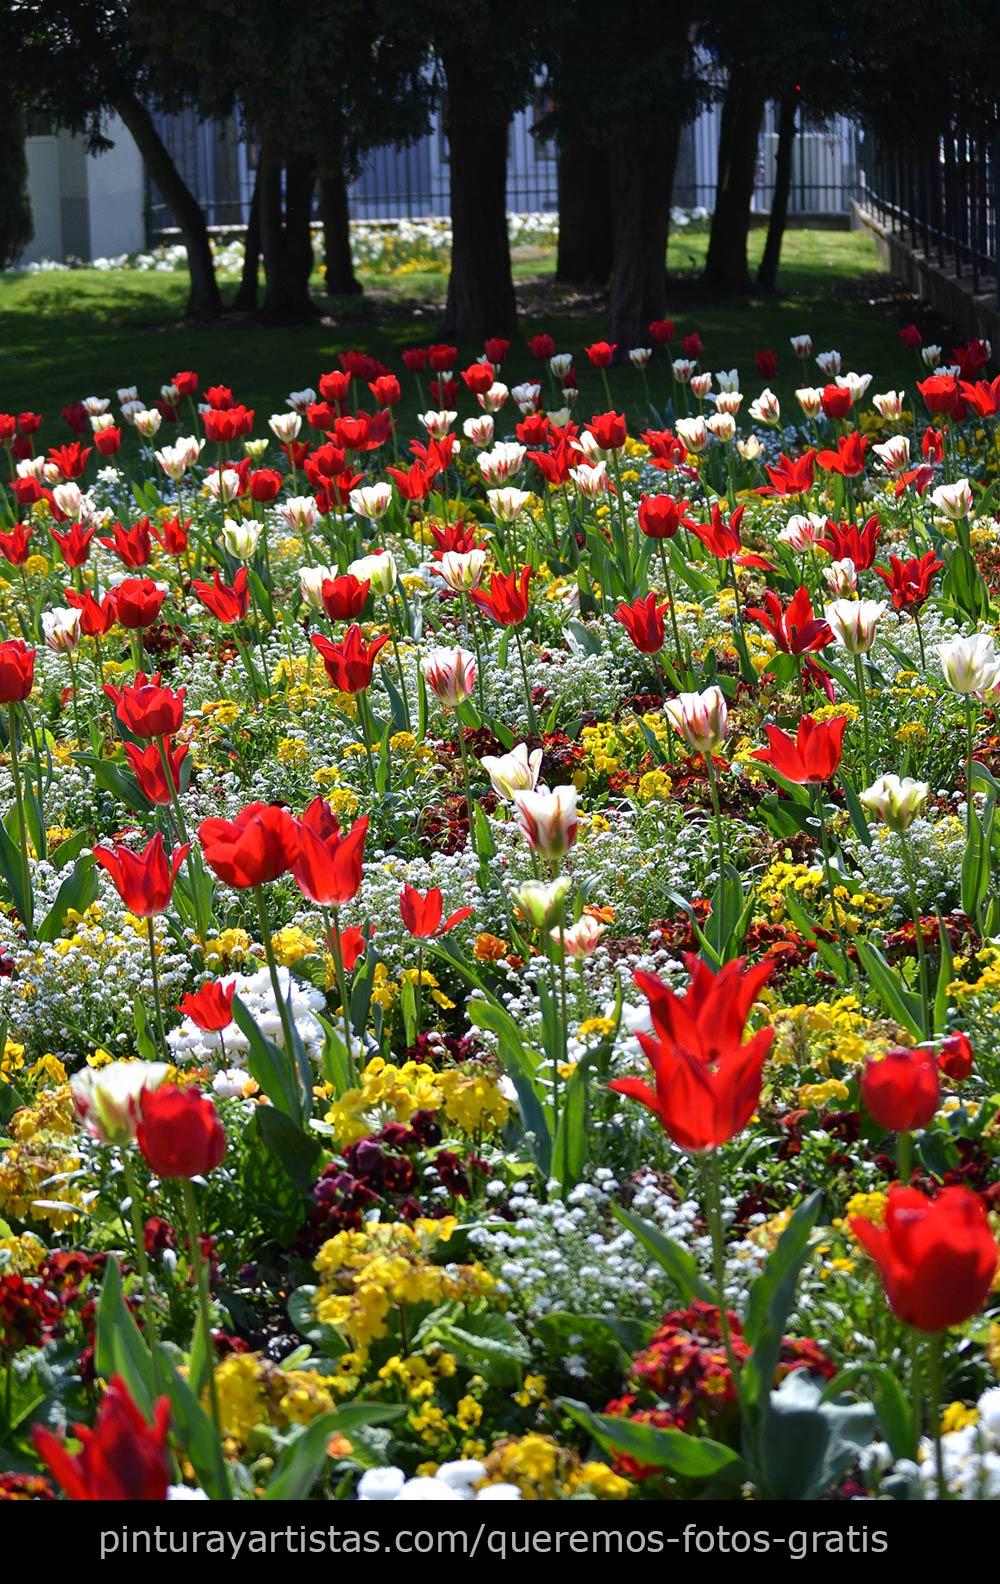 Fotos gratis tulipanes que dicen te quiero pintura y artistas - Plantas de jardin fotos ...